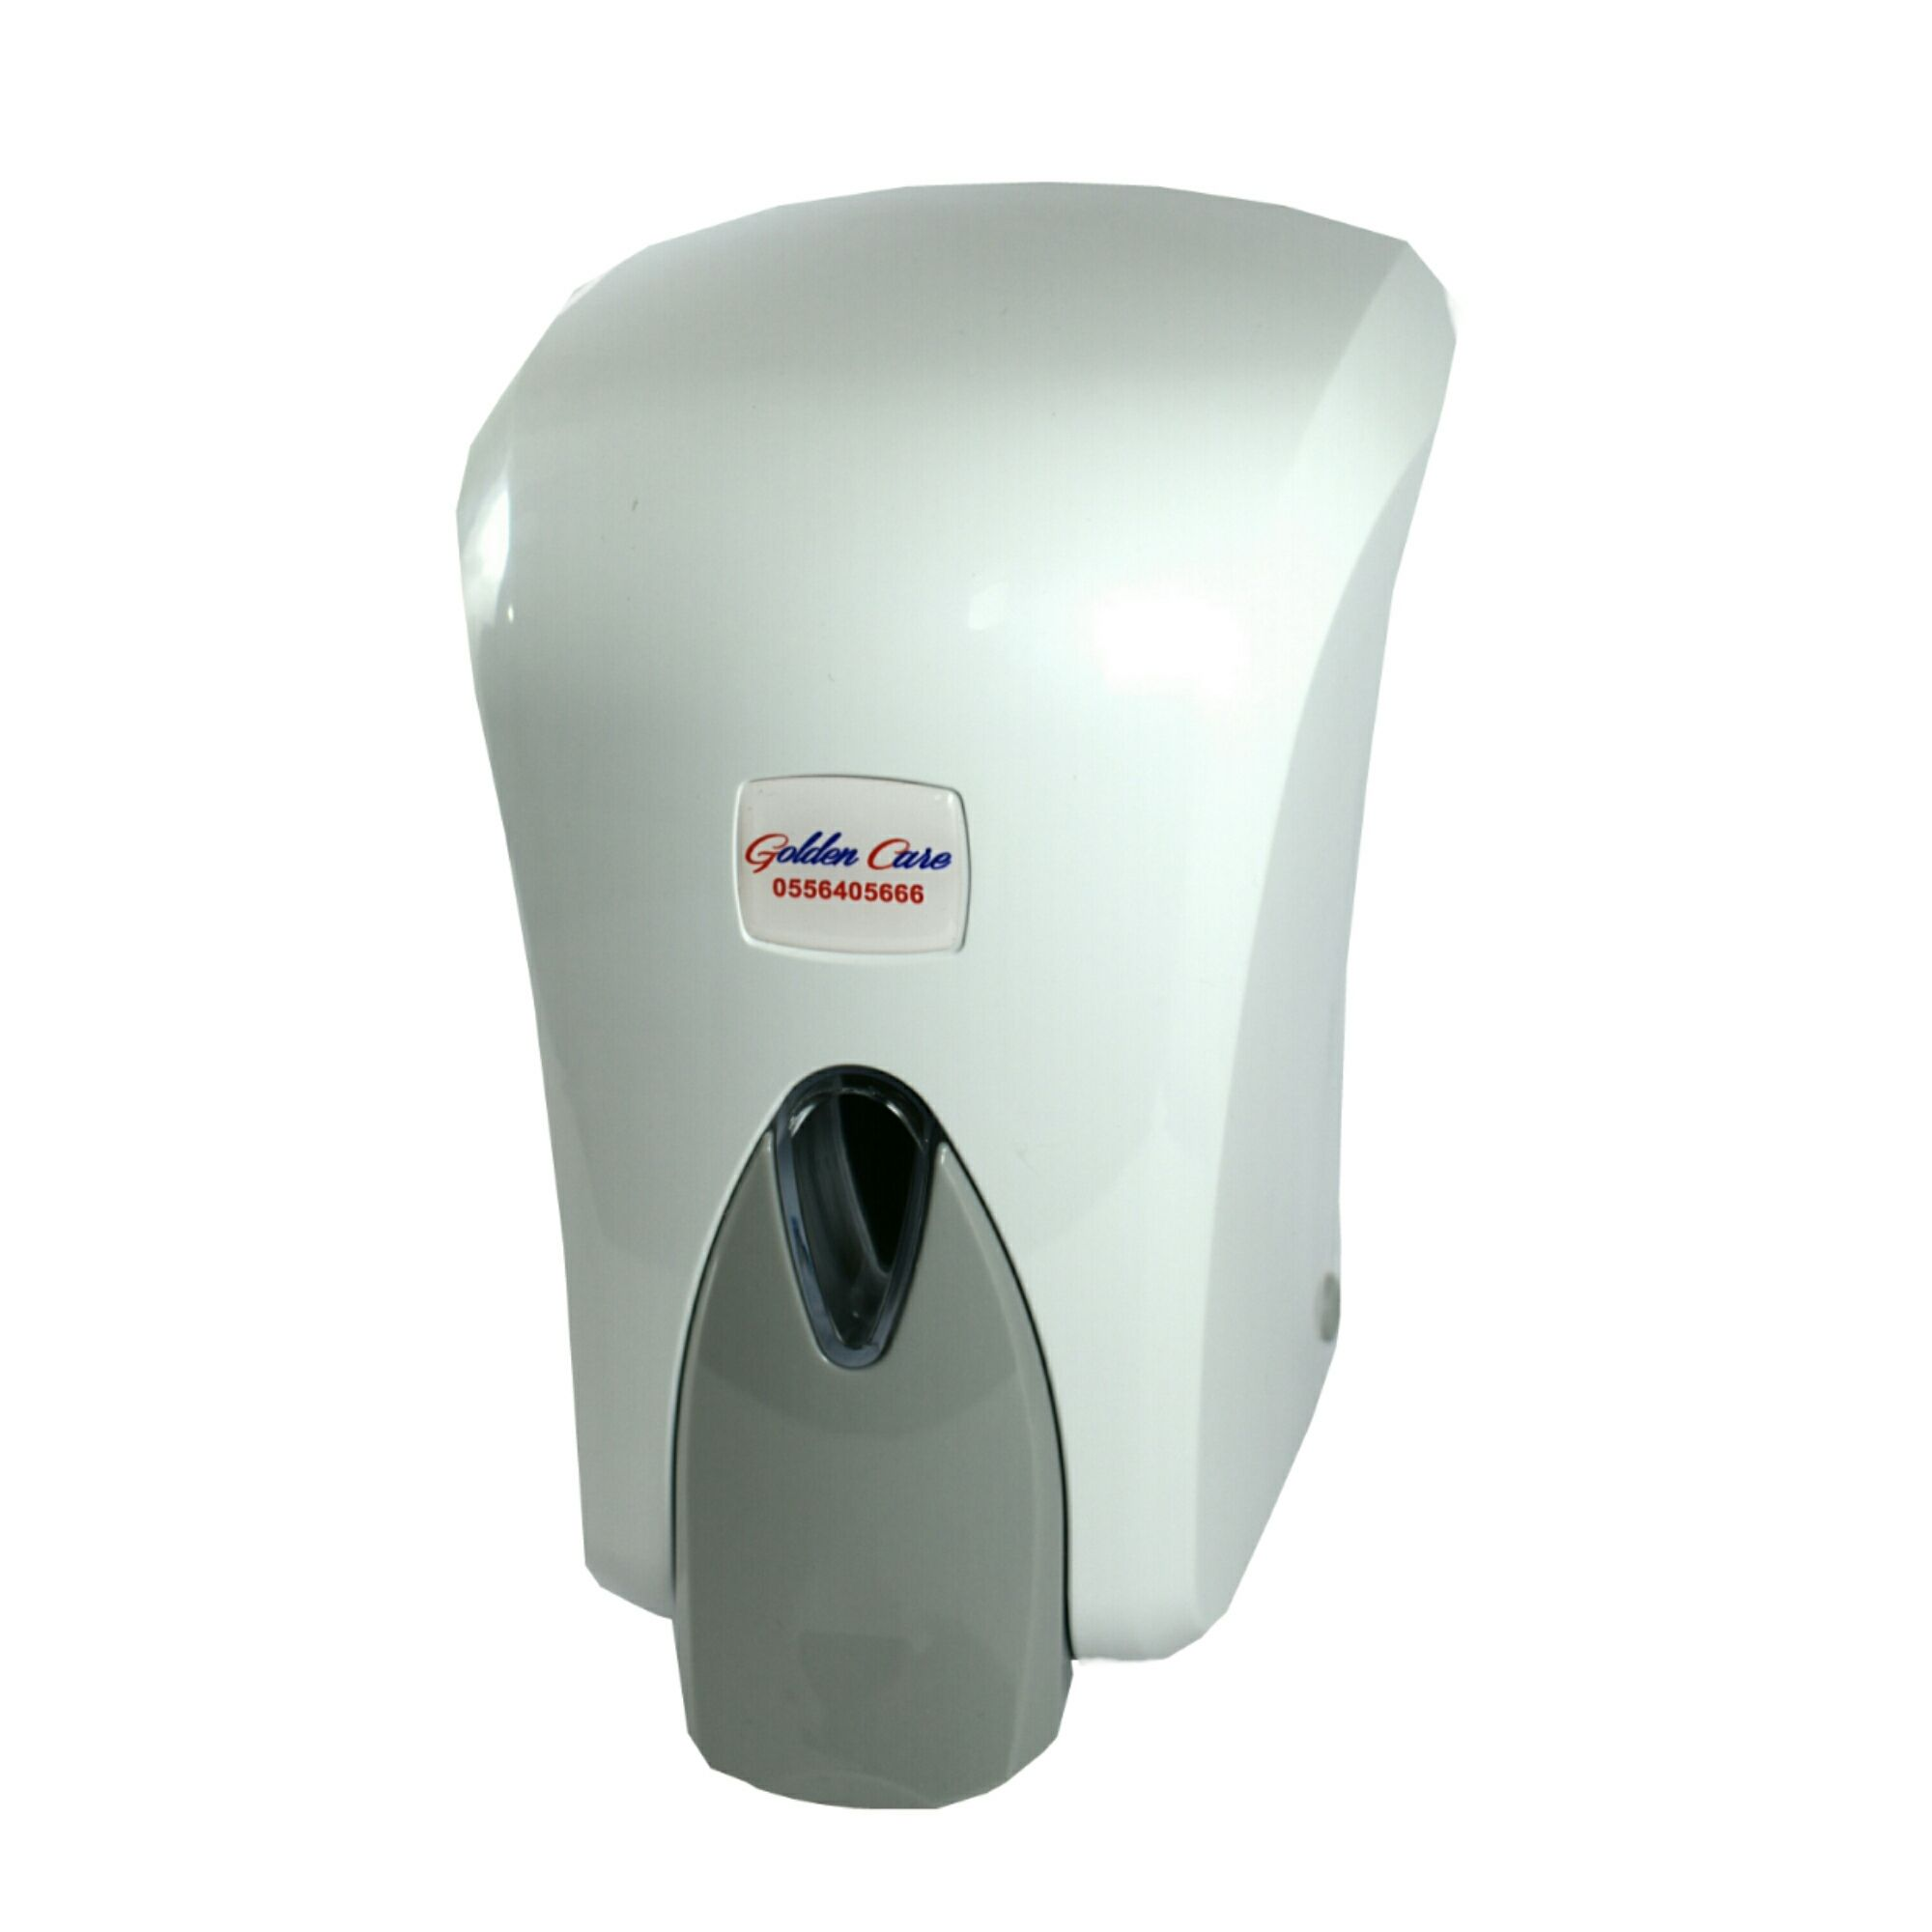 جهاز صابون مكينة صابون صابون رغوة جهاز صابون رغوة مستلزمات نظافة السعودية Foam Dispenser Foam Dispenser